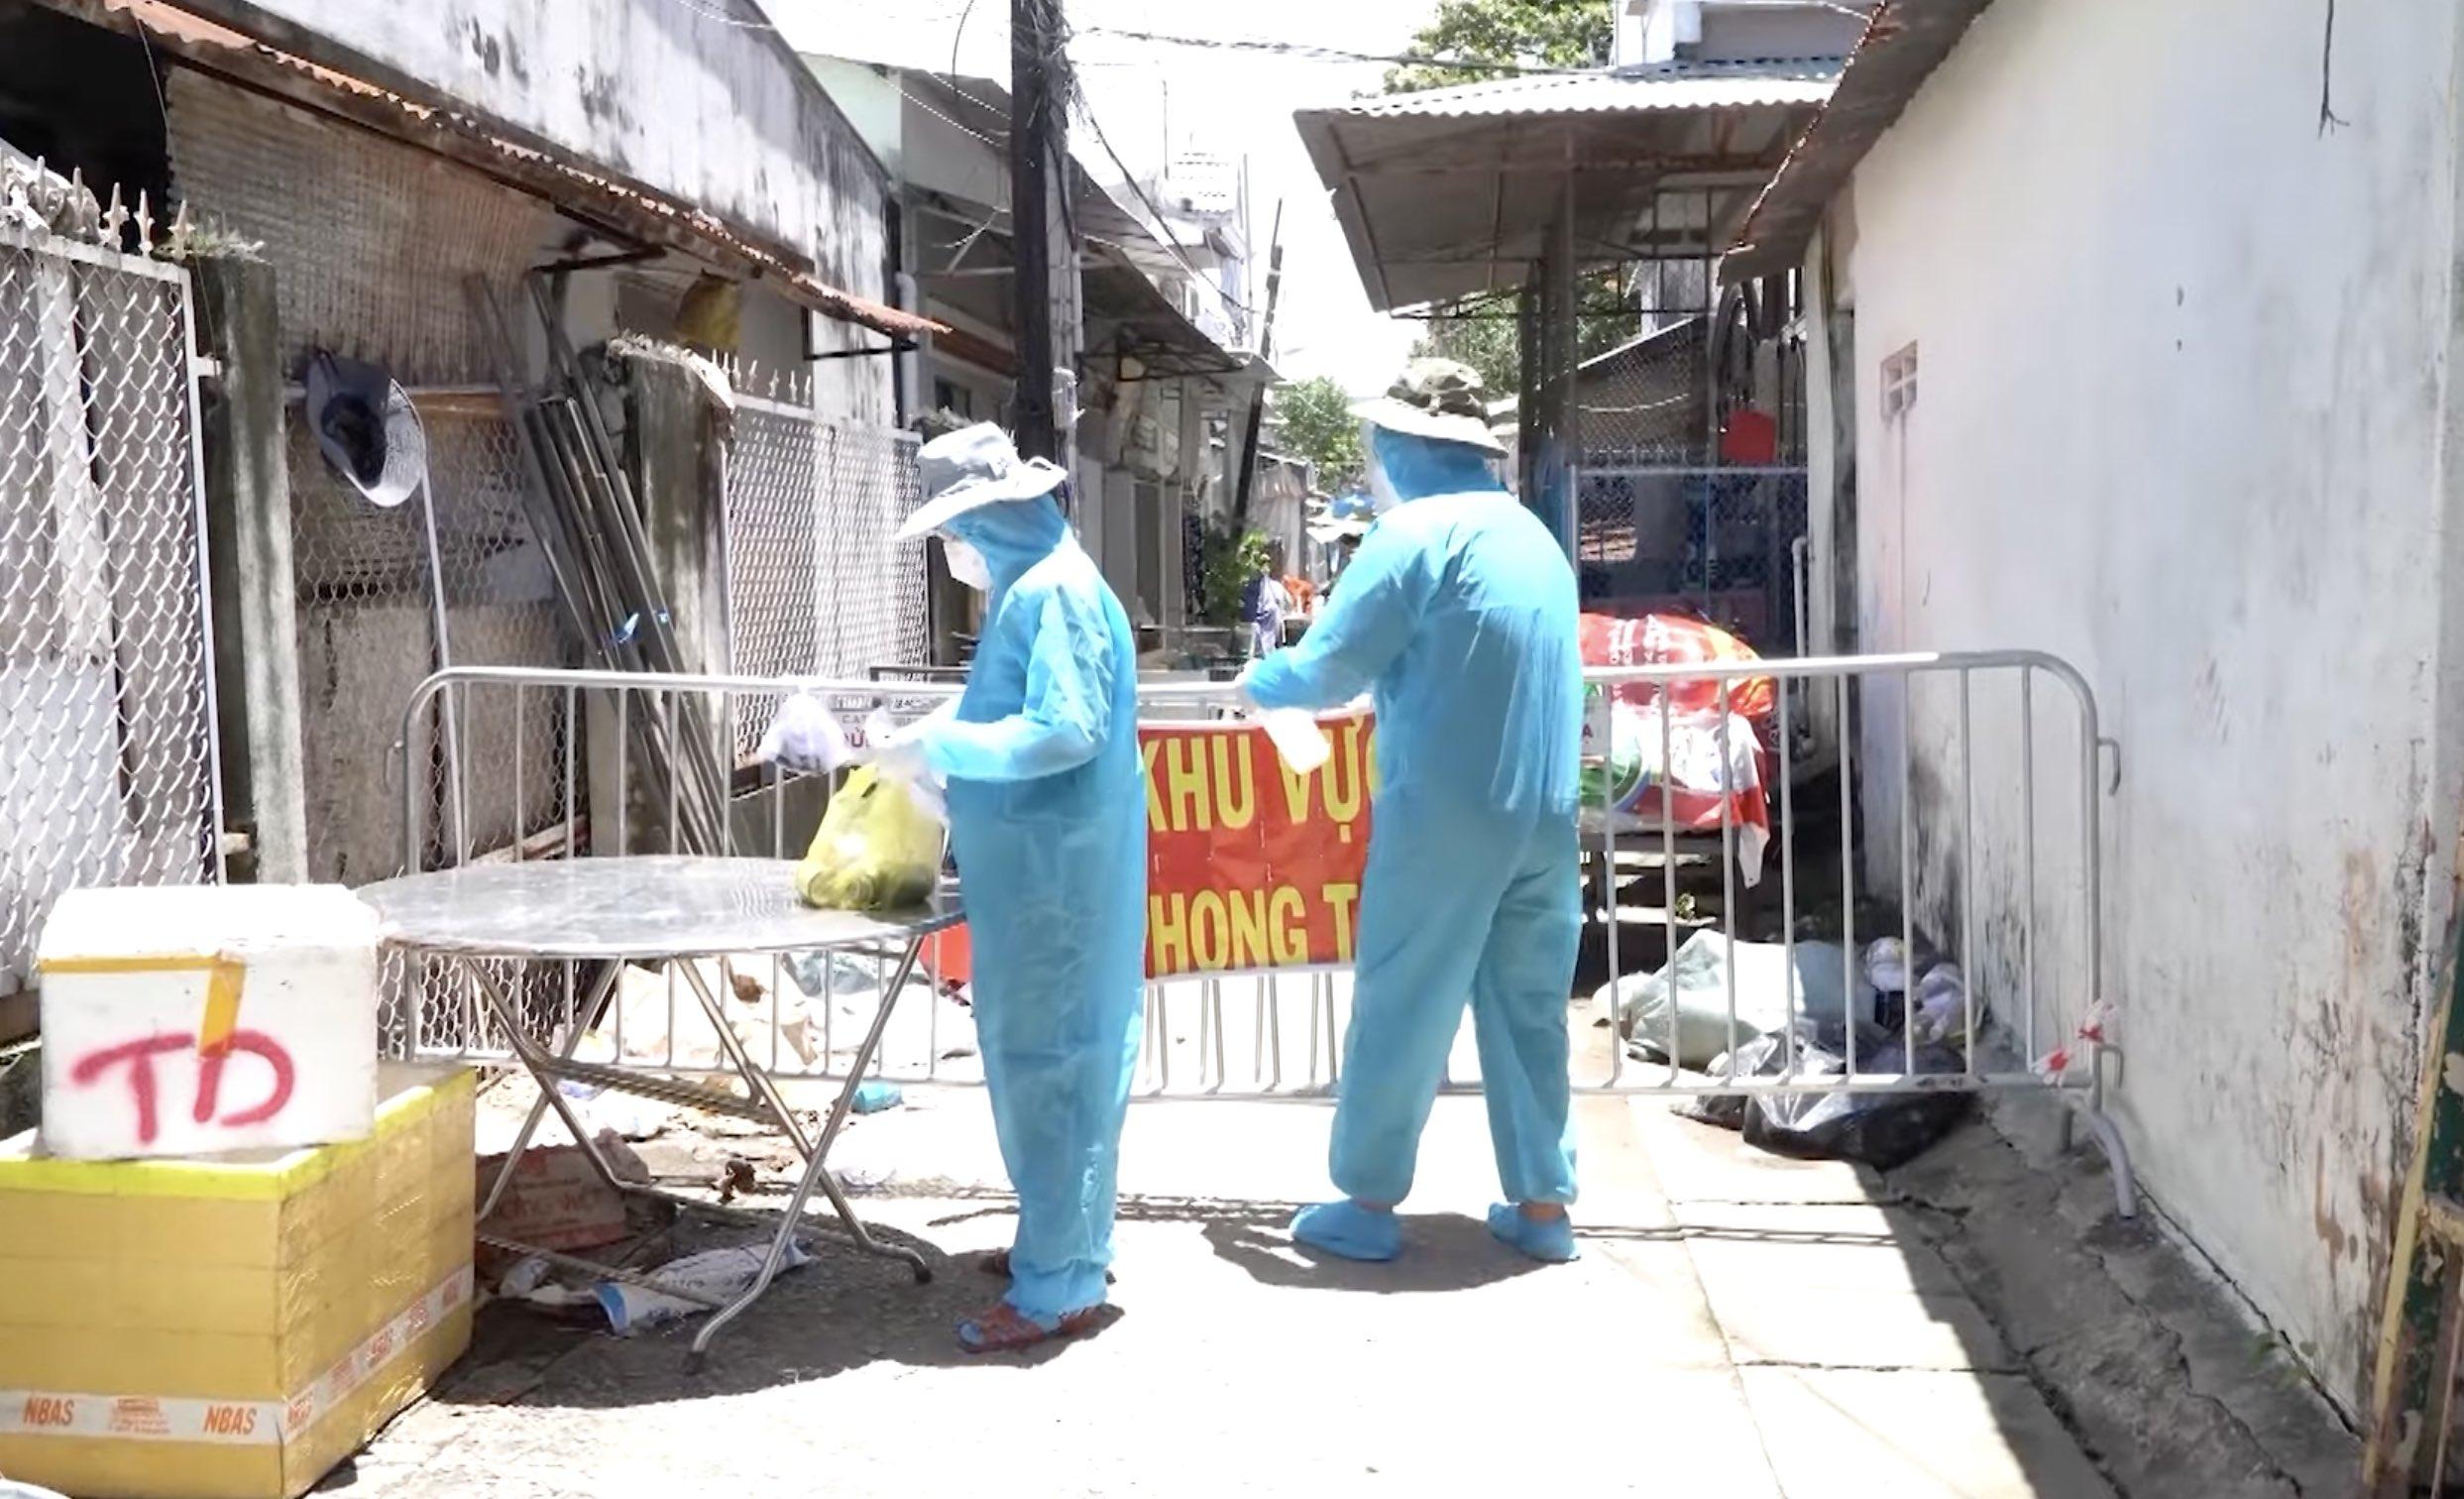 Quyết định - Về việc áp dụng các biện pháp cấp bách phòng, chống dịch Covid-19 theo các Chỉ thị của Thủ tướng Chính phủ trên địa bàn tỉnh Kiên Giang